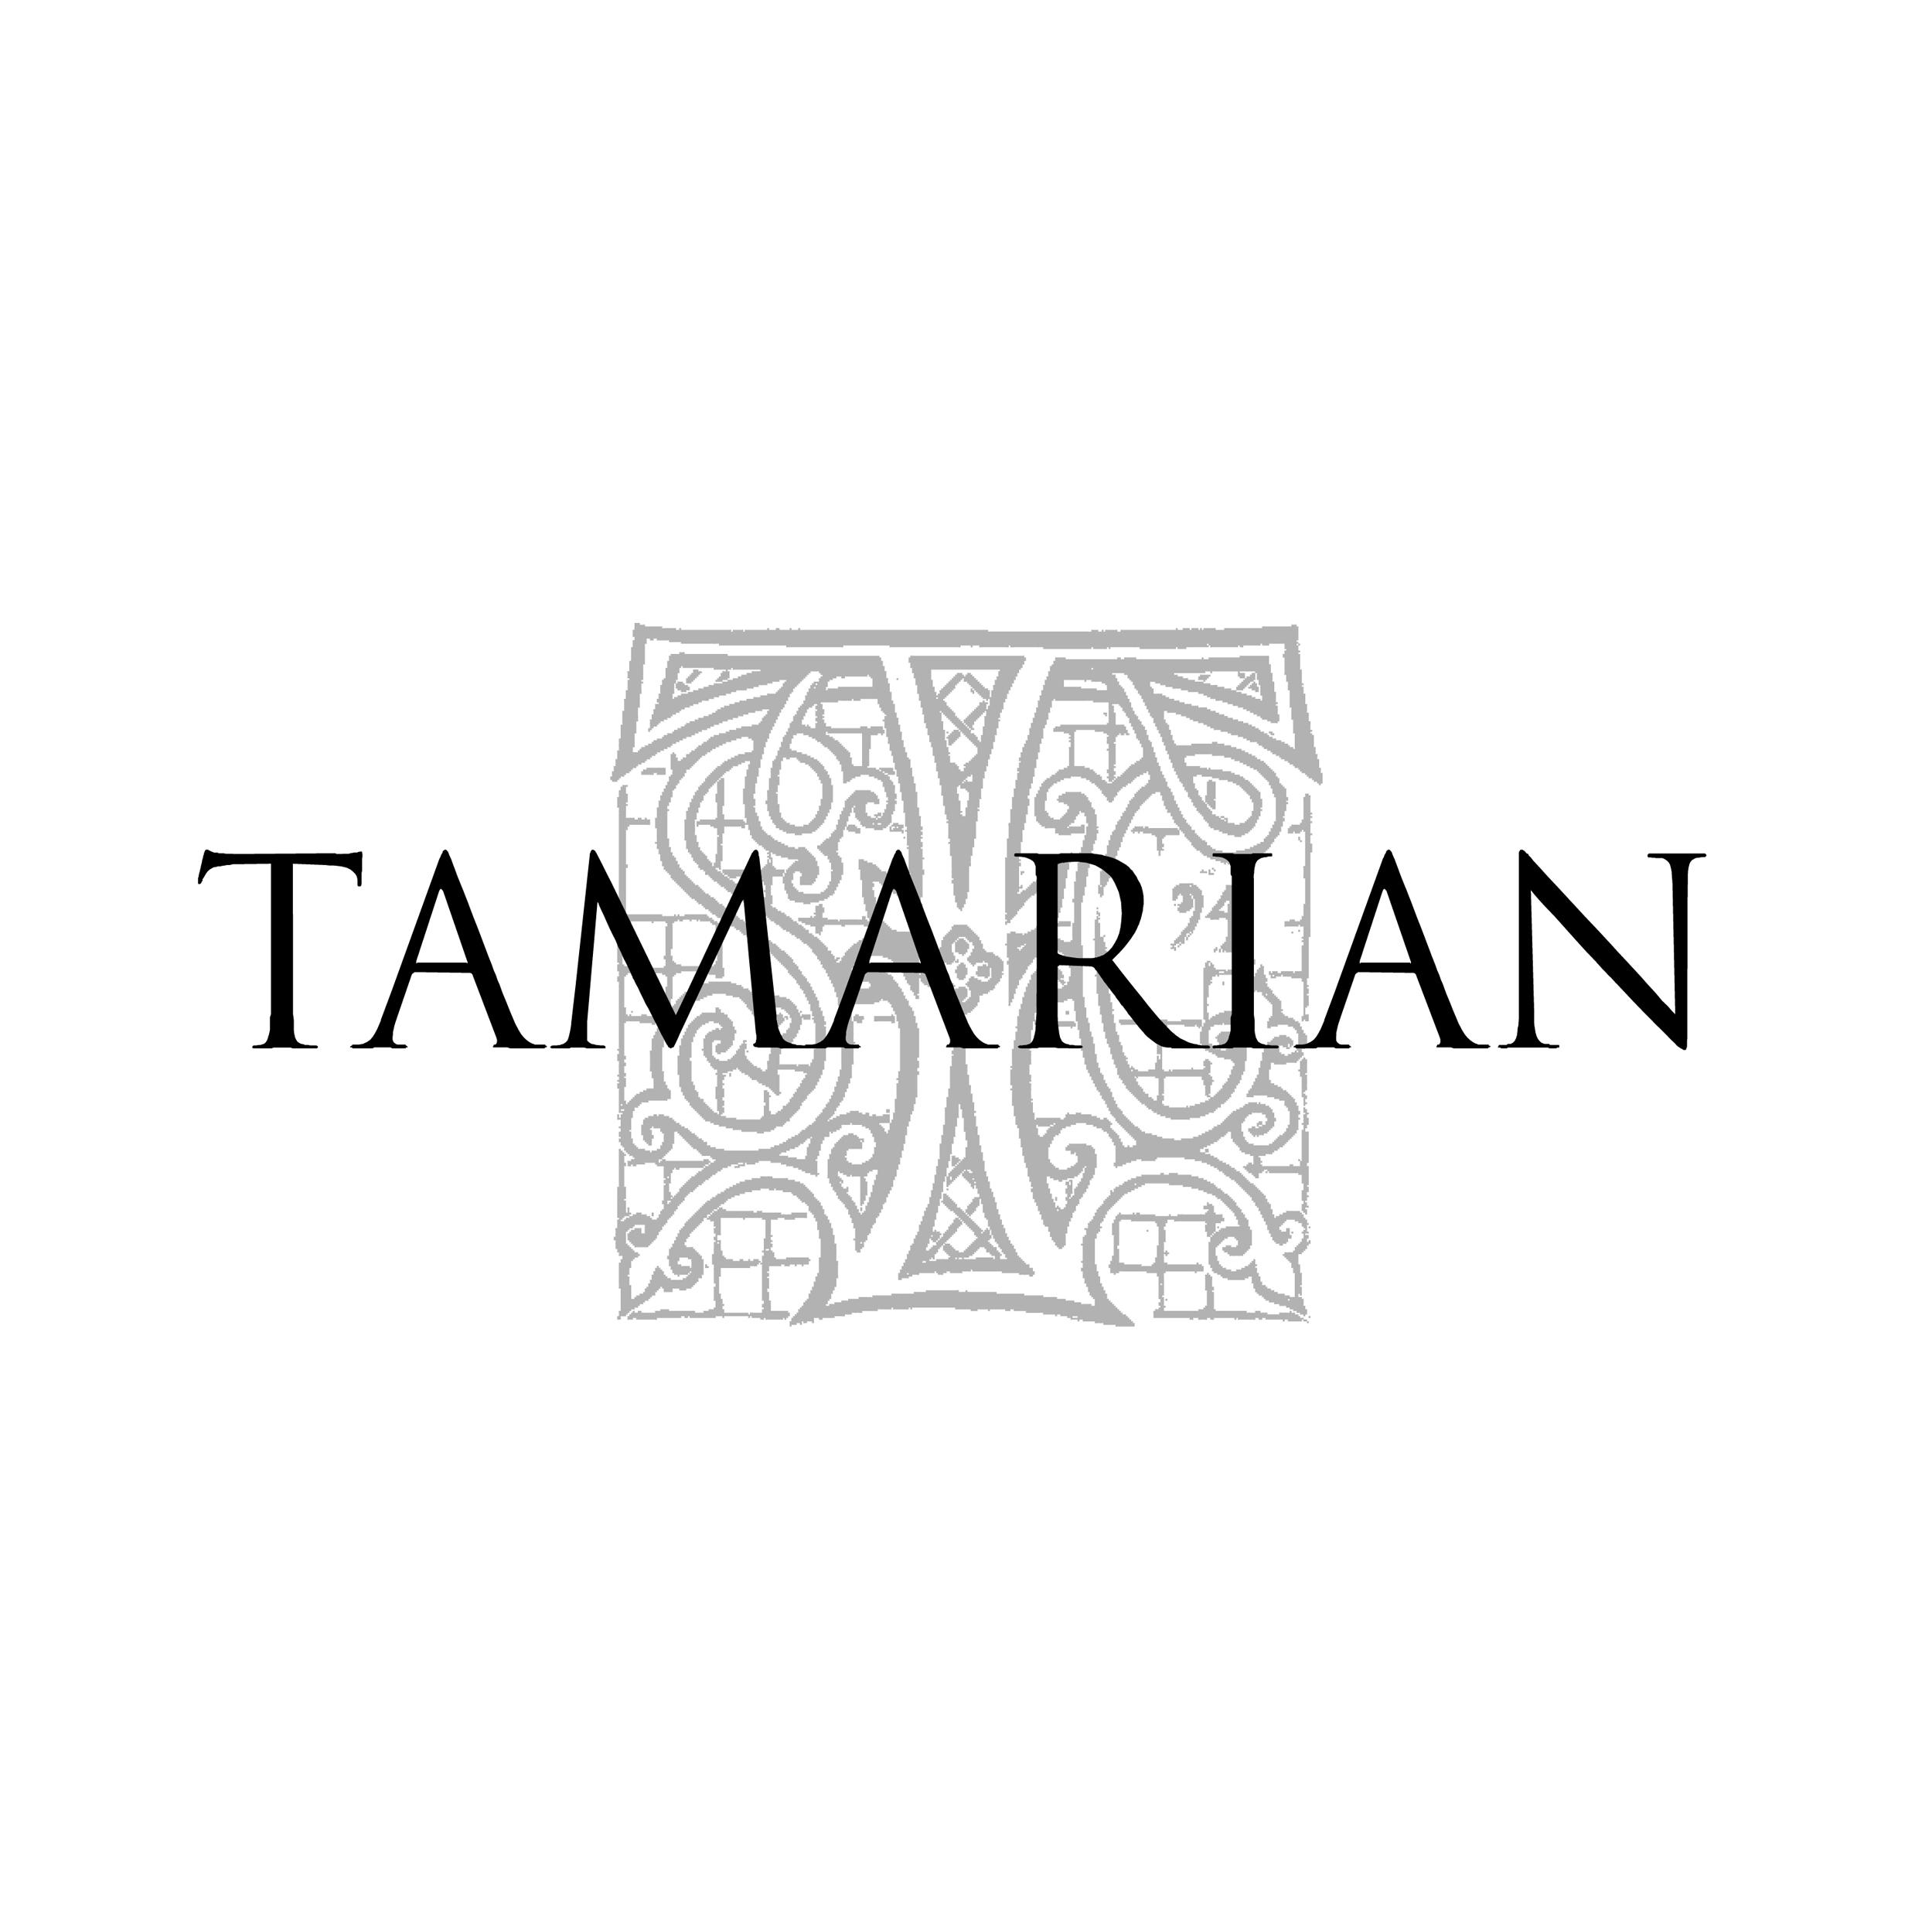 Tamarian